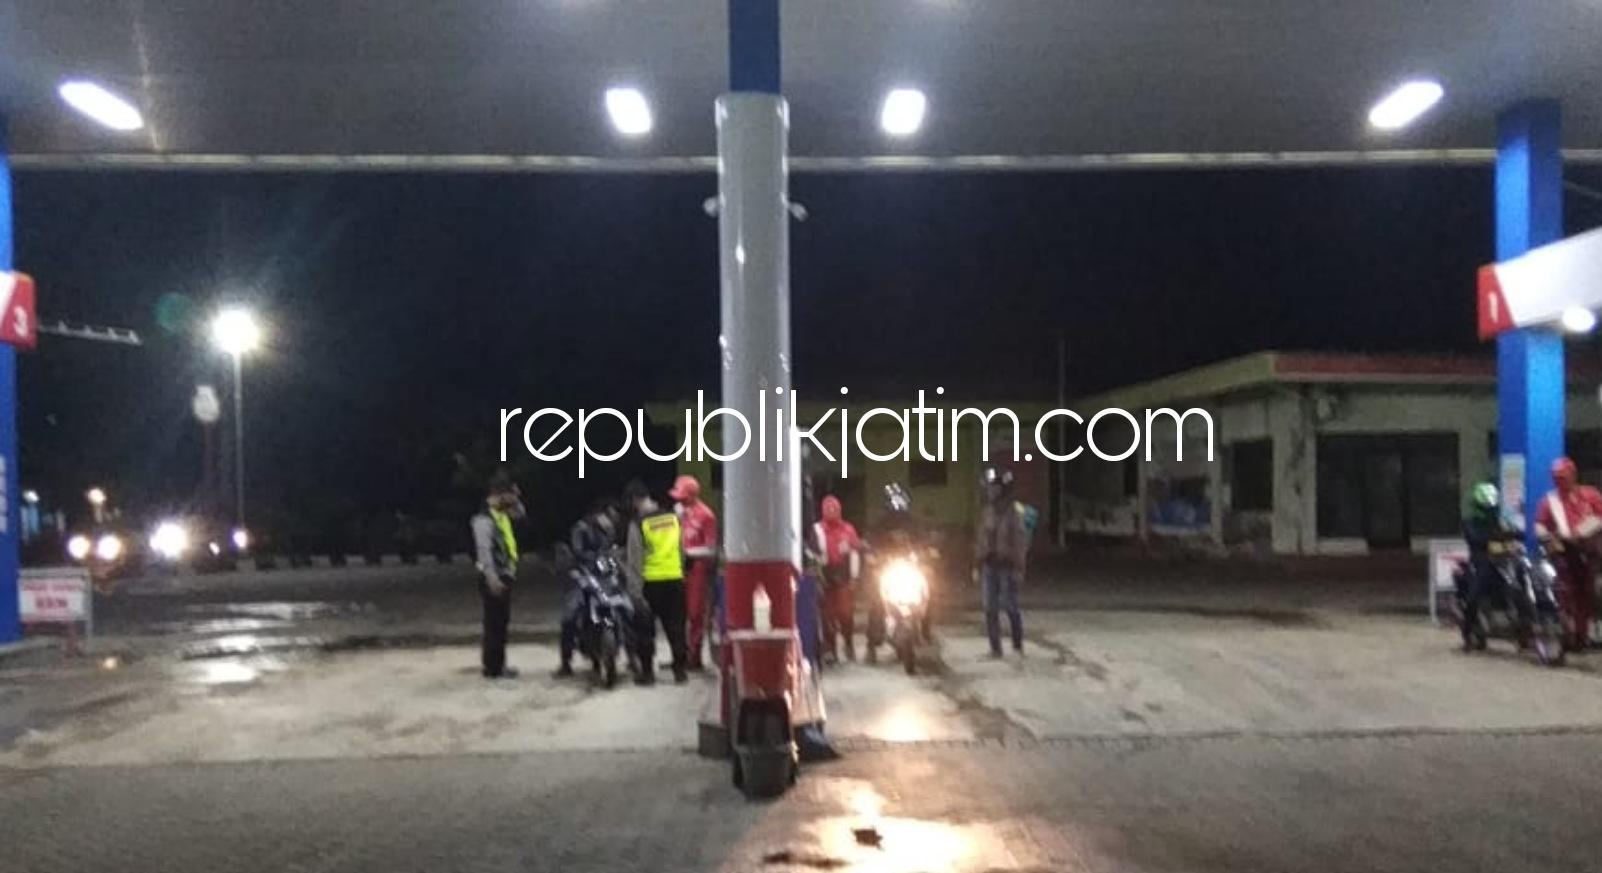 Polsek Mlarak Patroli Keliling Seluruh Wilayah Desa, Sekaligus Menghimbau Warga Terapkan Protokol Kesehatan